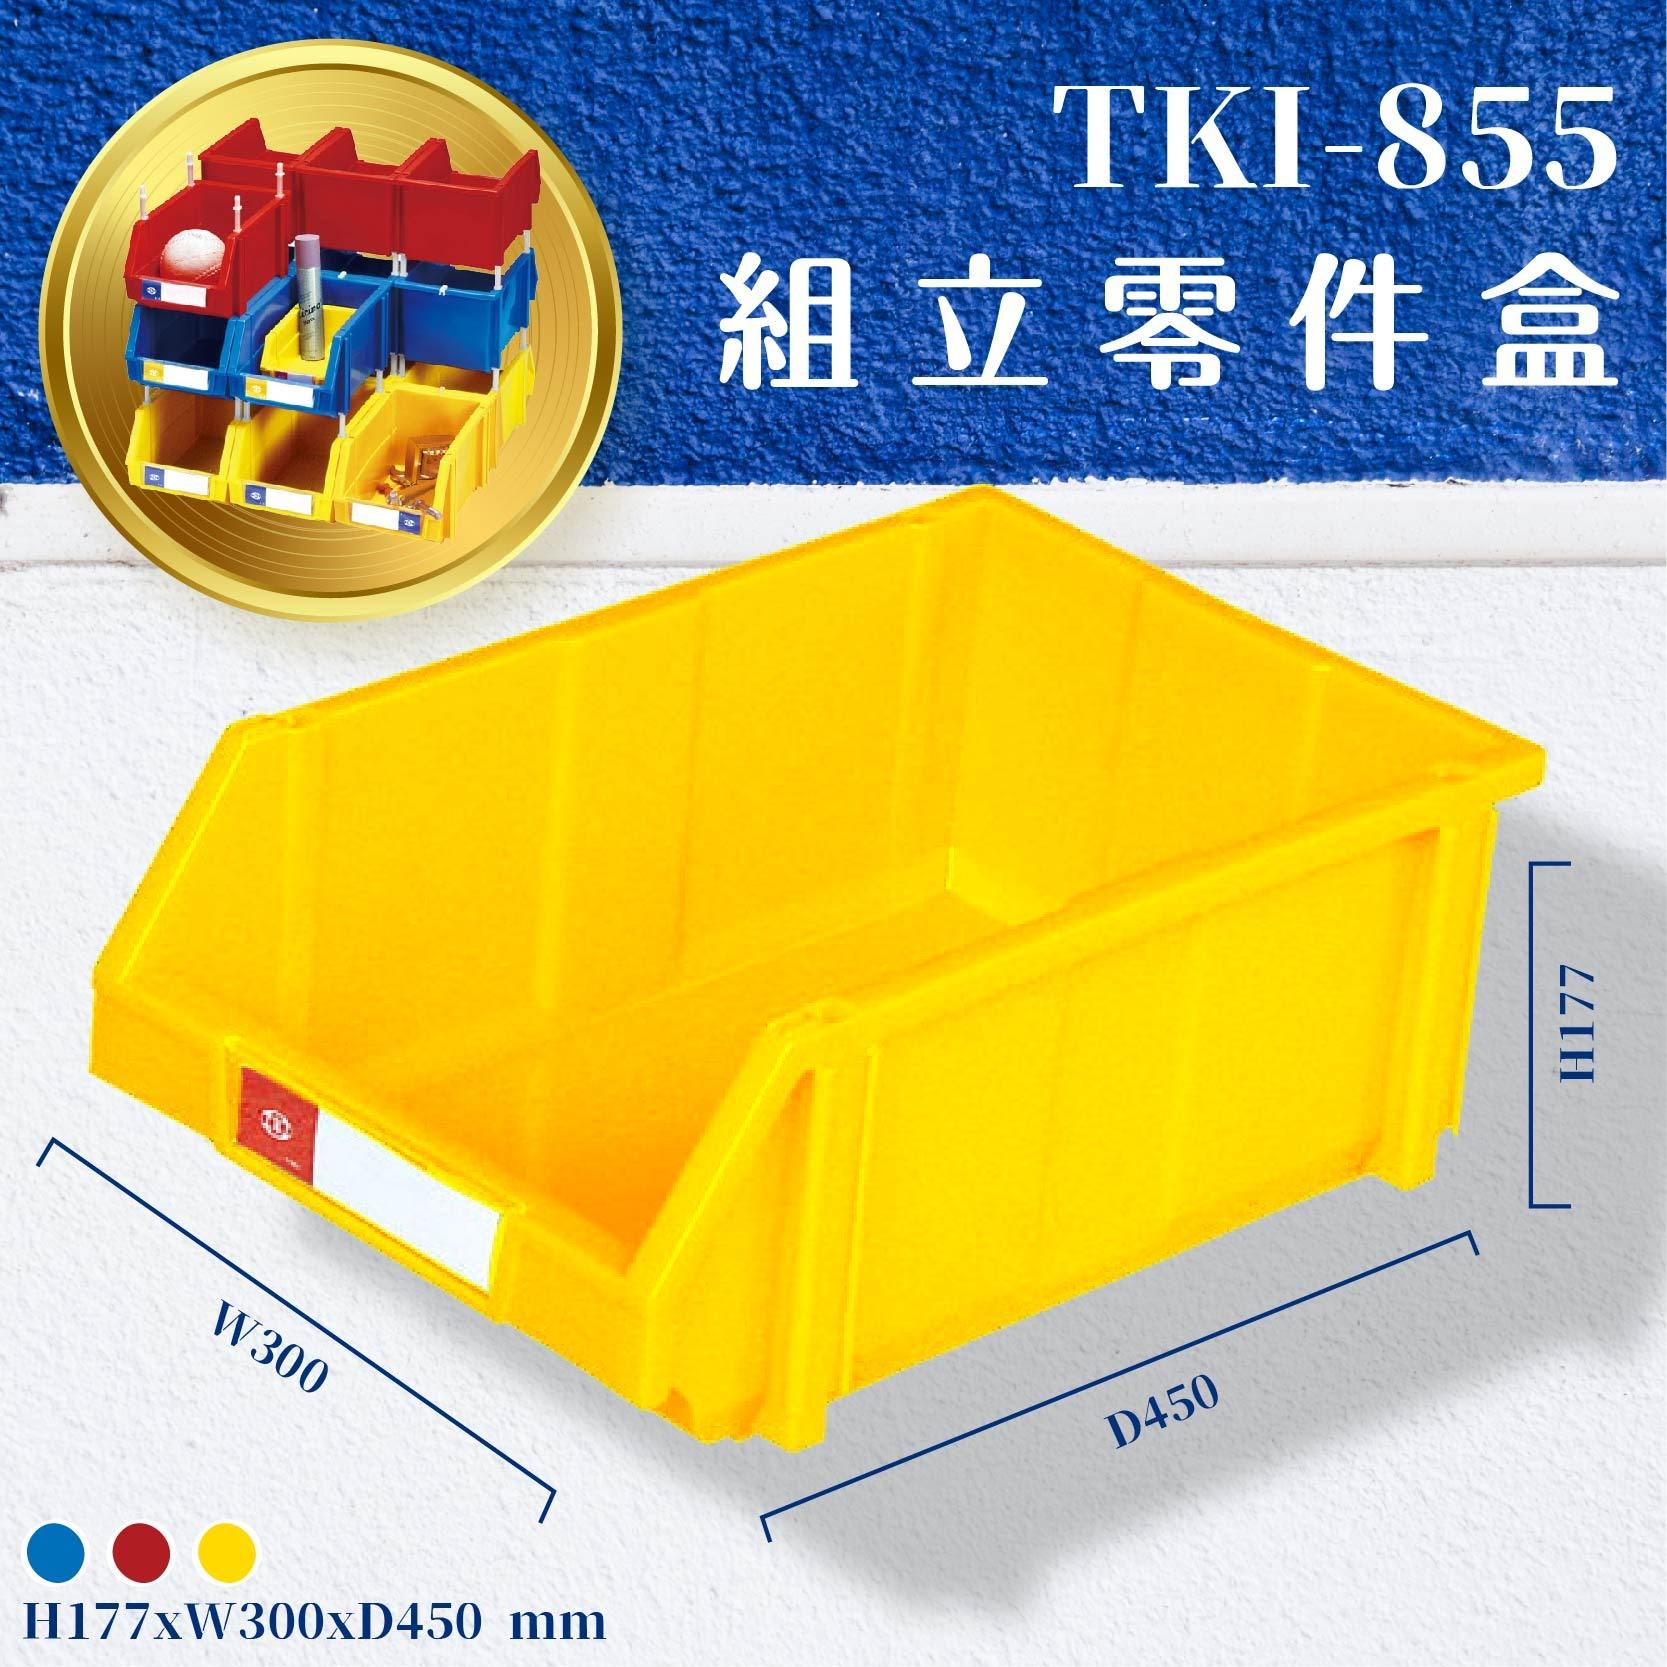 輕鬆收納【天鋼】TKI-855 組立零件盒(黃) 耐衝擊 整理盒 工具盒 分類盒 收納盒 零件 工廠 車廠